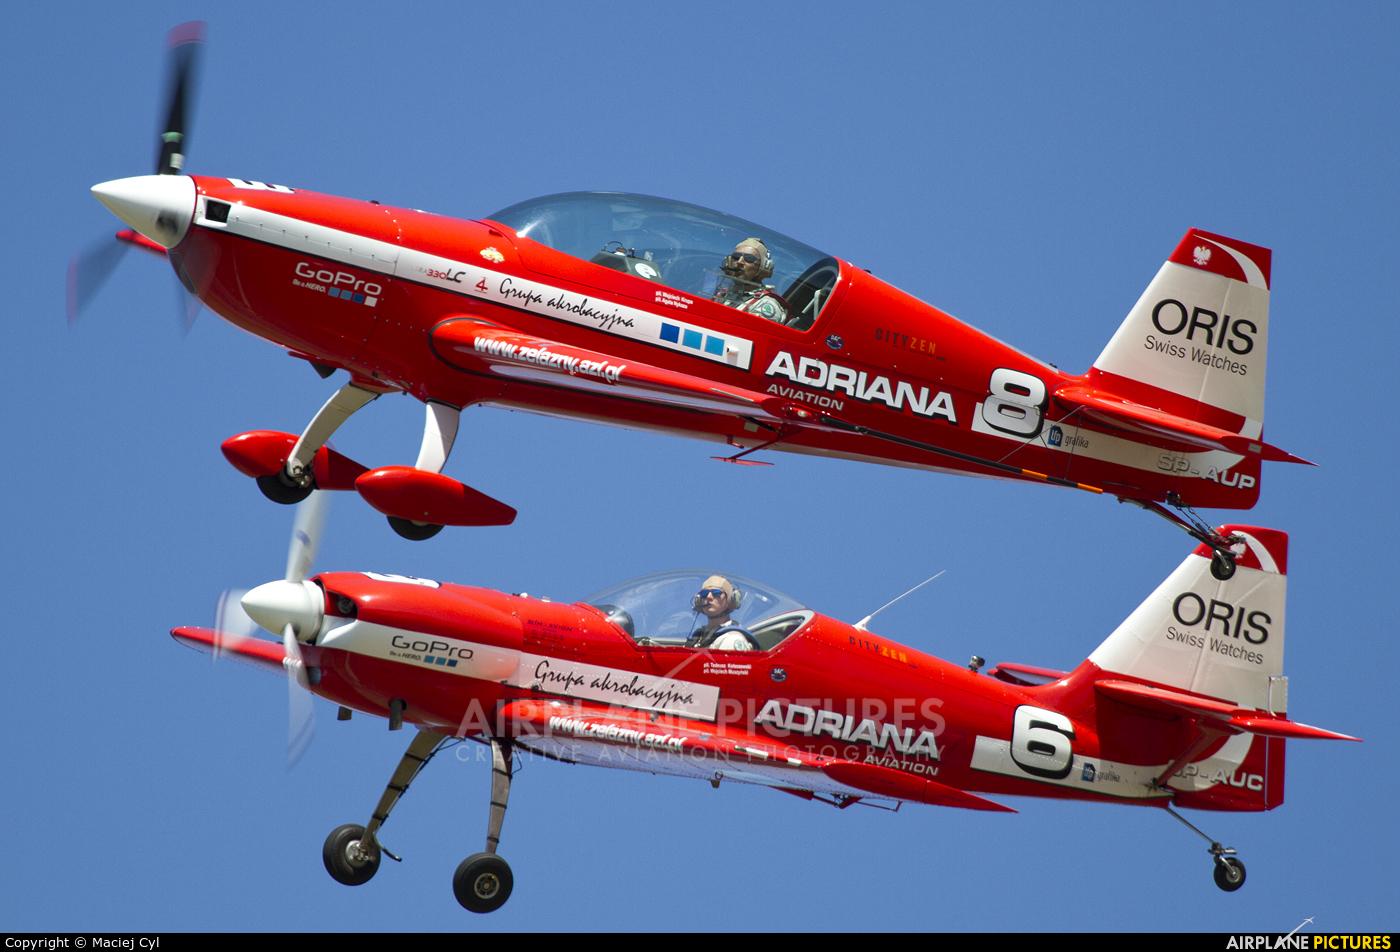 Grupa Akrobacyjna Żelazny - Acrobatic Group SP-AUP aircraft at Poznań - Ławica